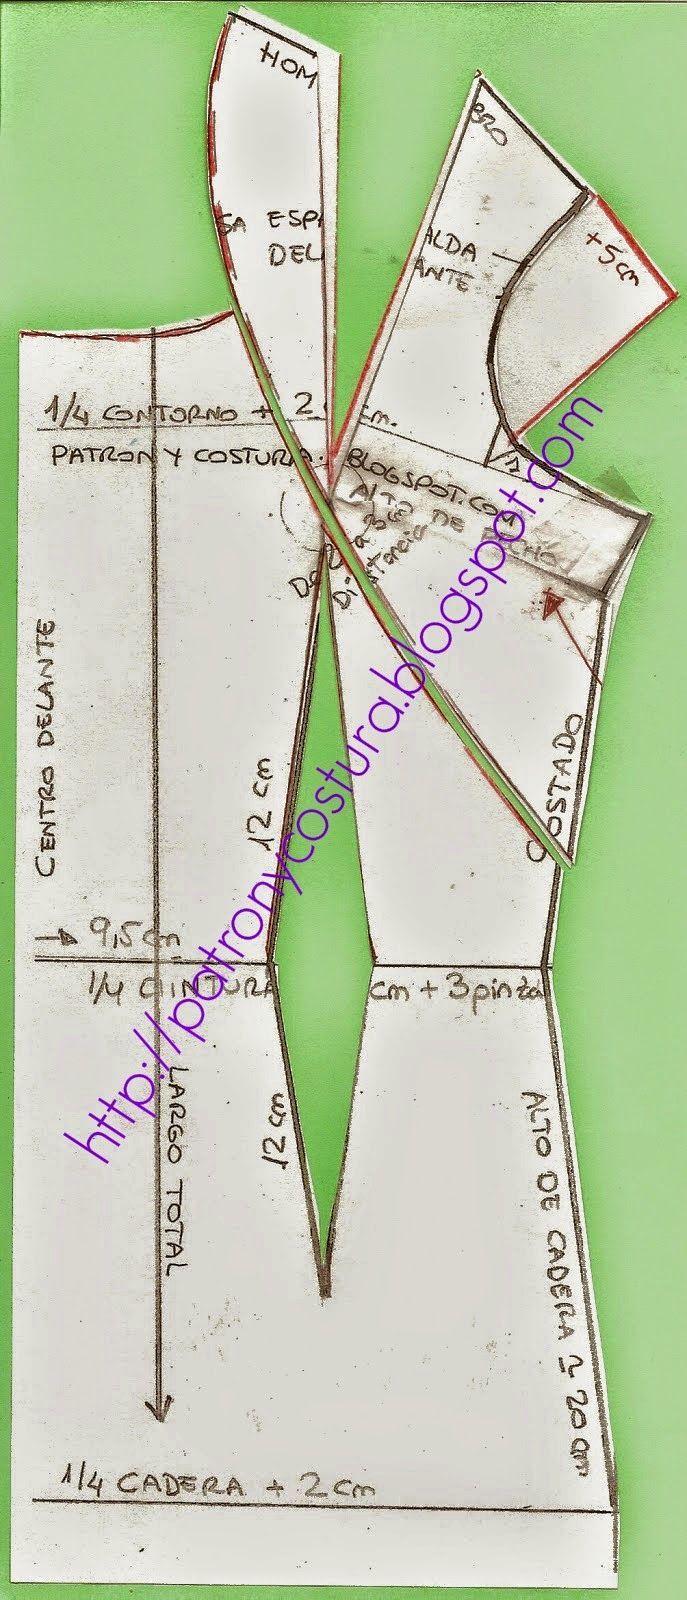 http://www.patronycostura.com/2014/10/hacemos-el-patron-del-vestido-entallado.html